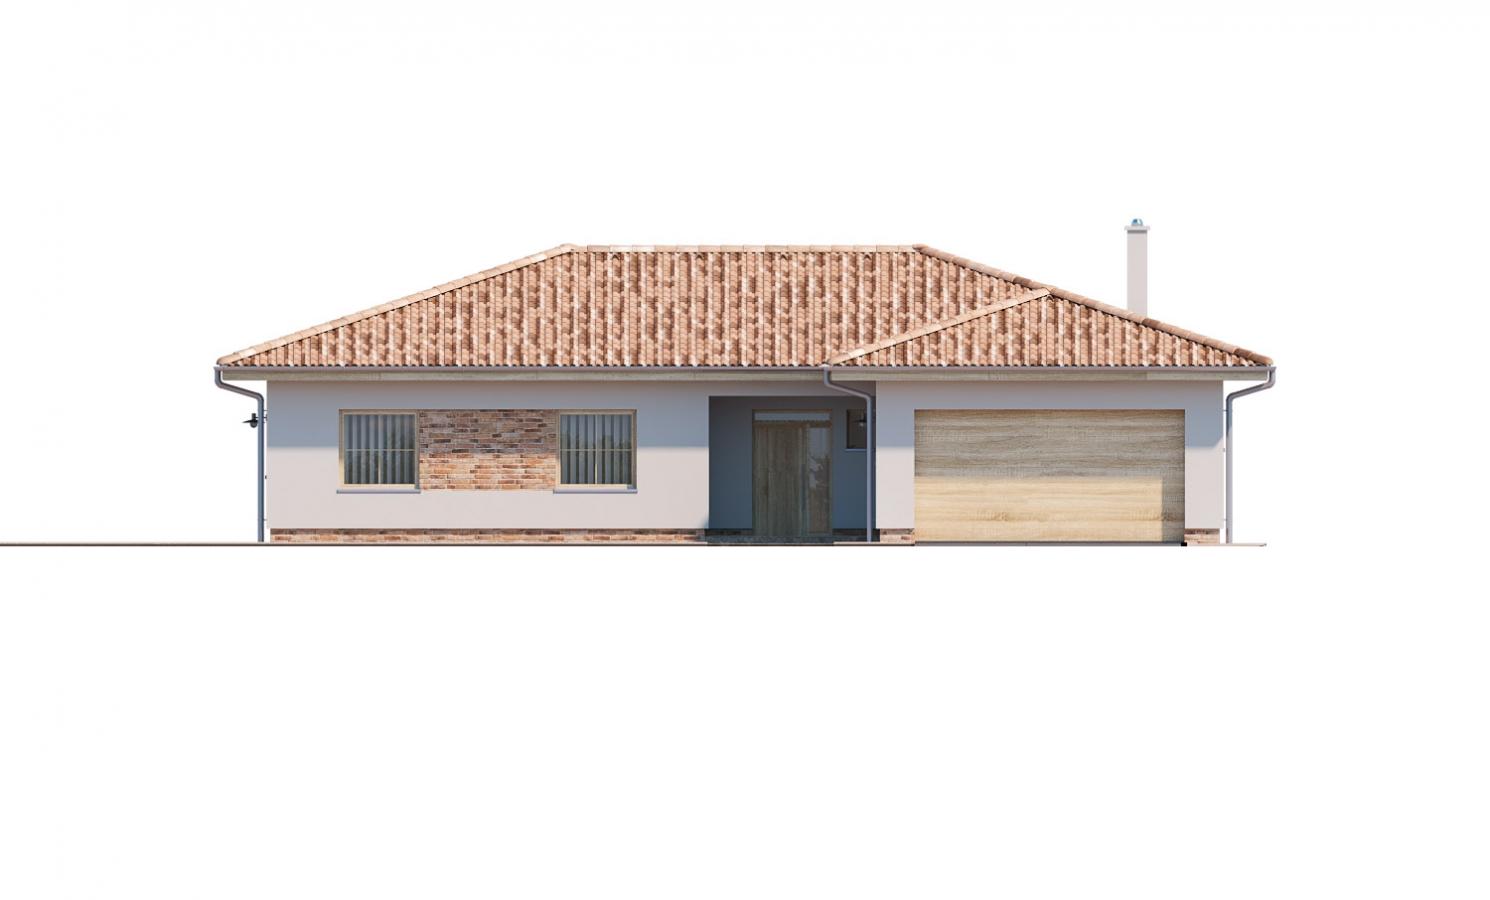 Pohľad 1. - 6 - izbový prízemný dom, do tvaru L, s terasou, ktorá sa dá po malých úpravách využívať celoročne.